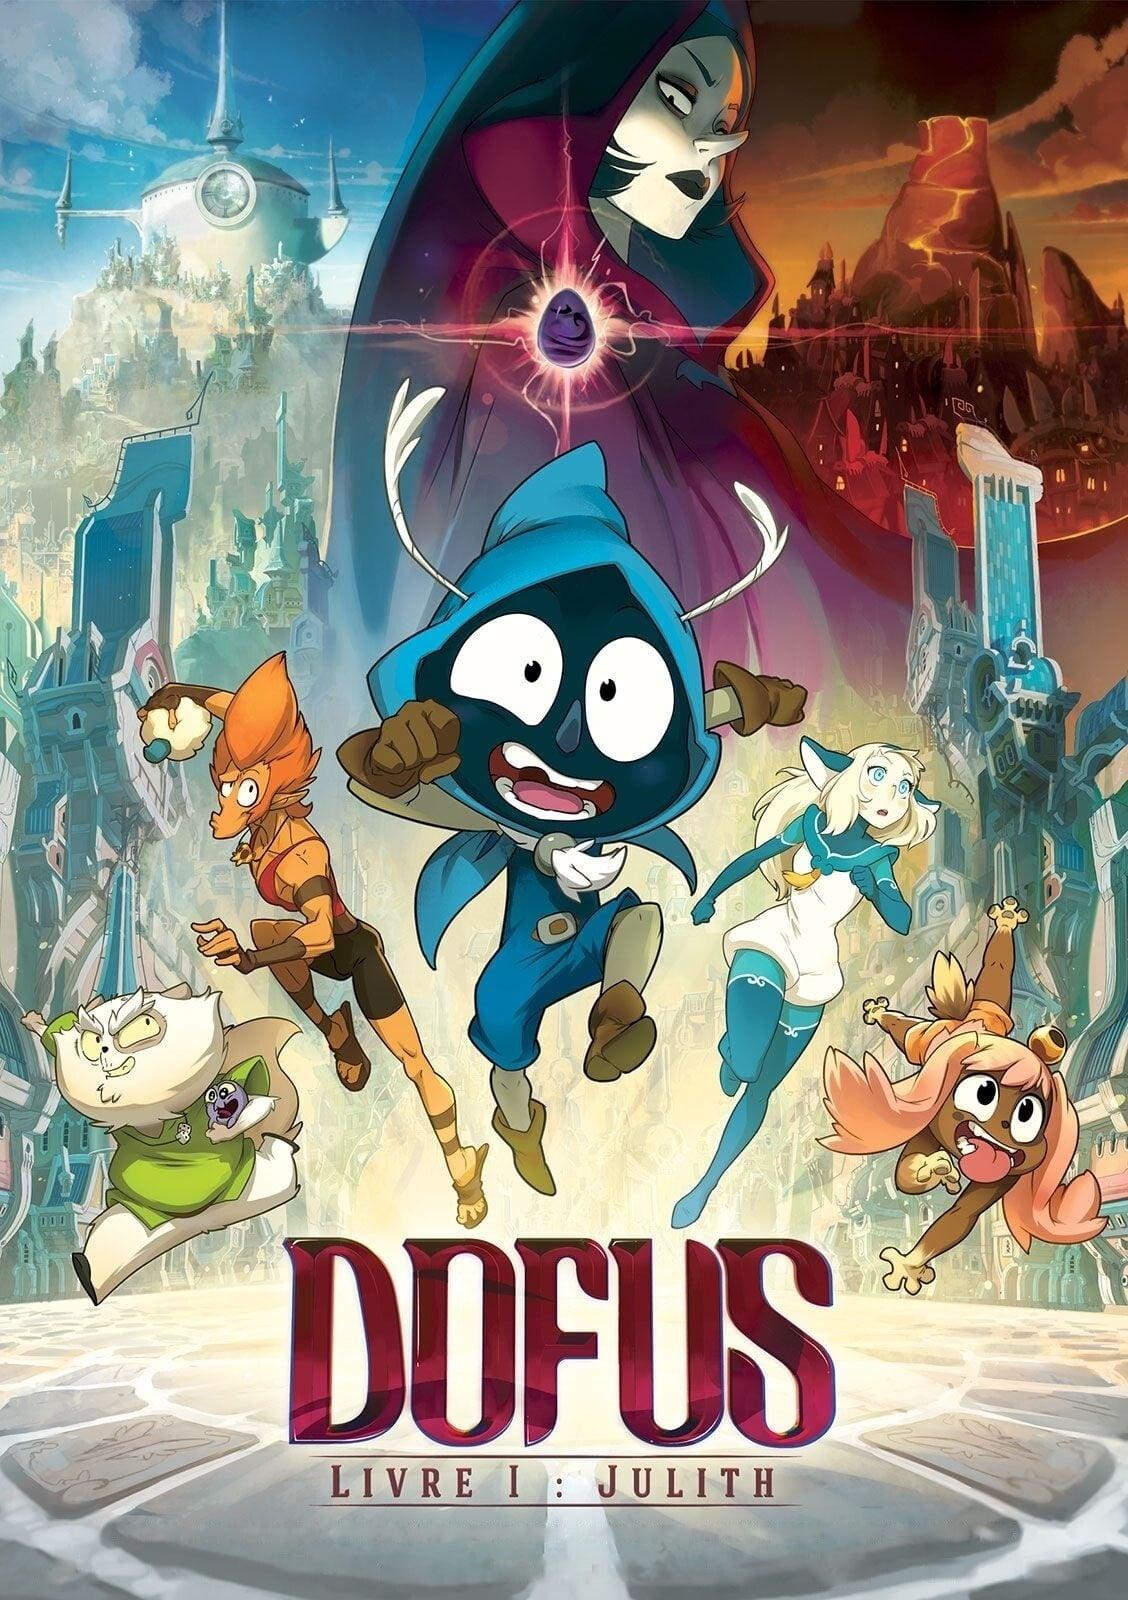 Dofus - Book I: Julith